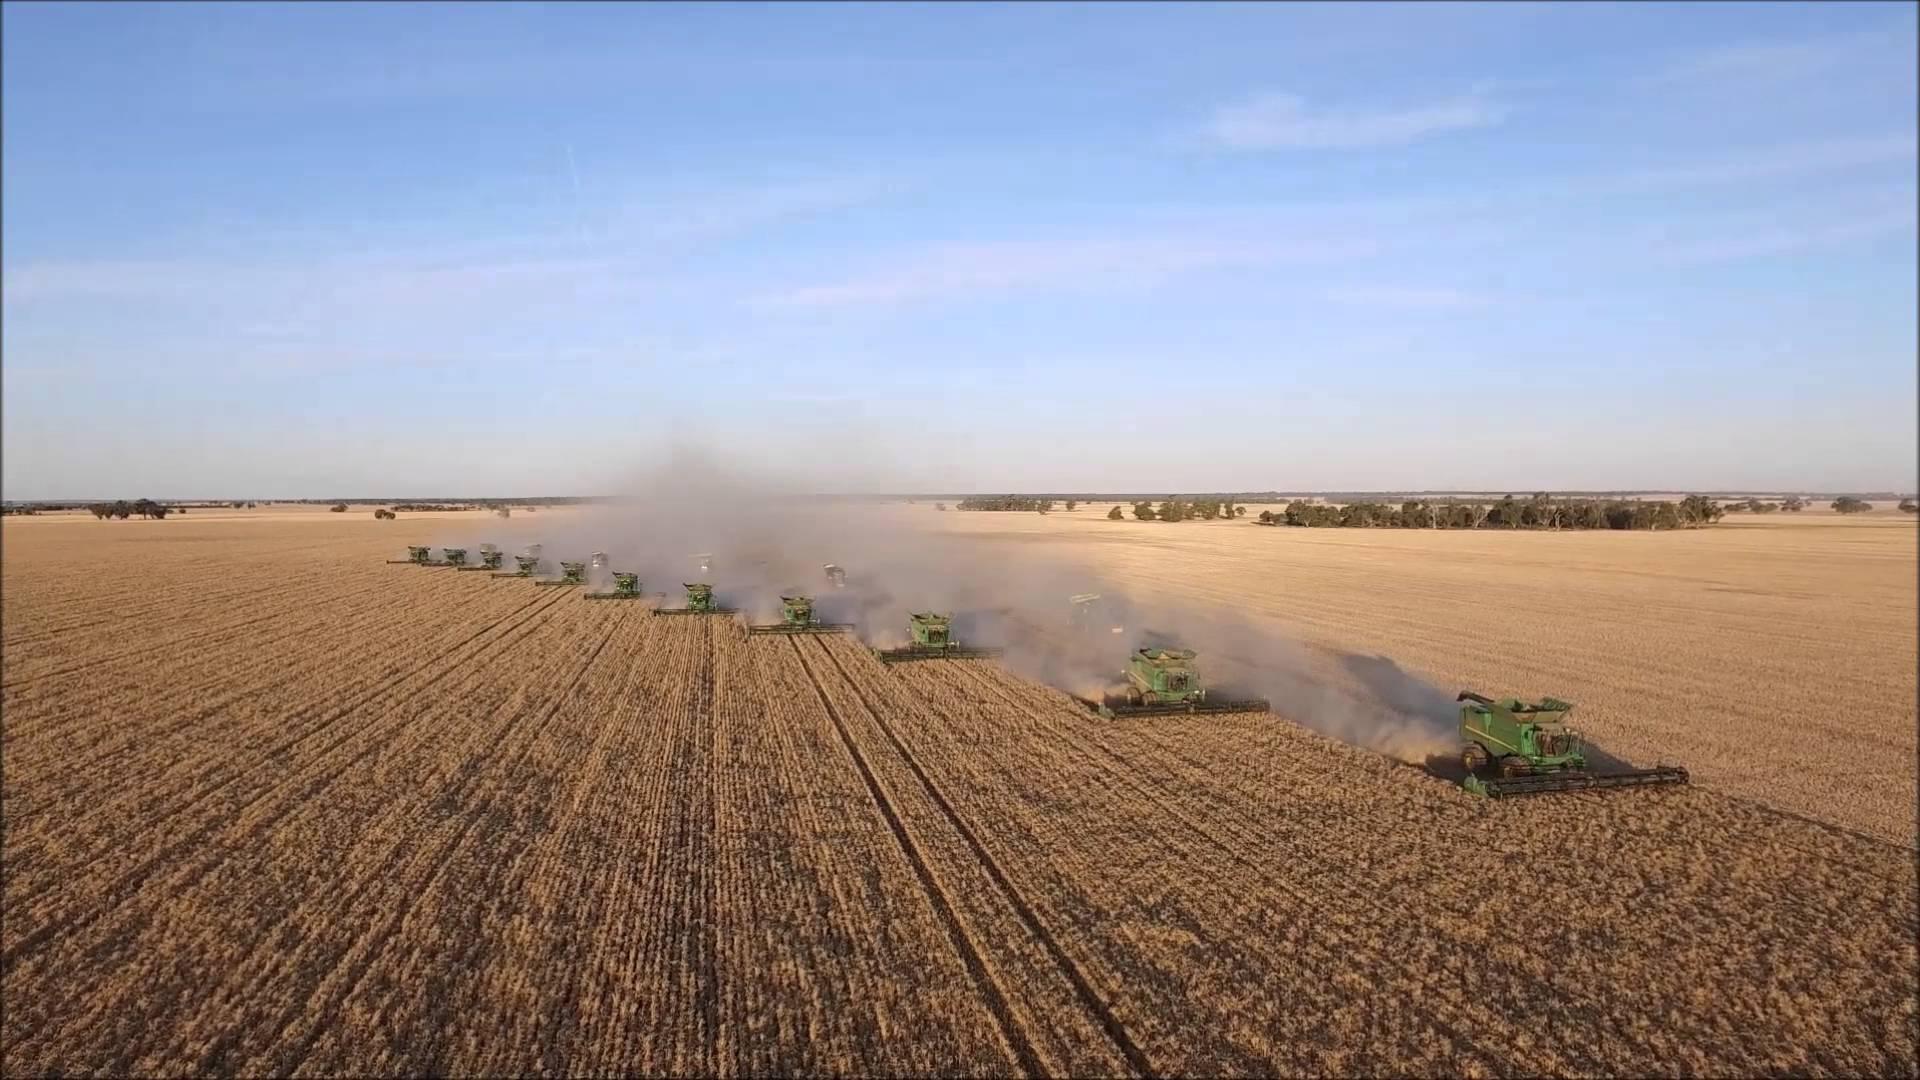 grain_farming